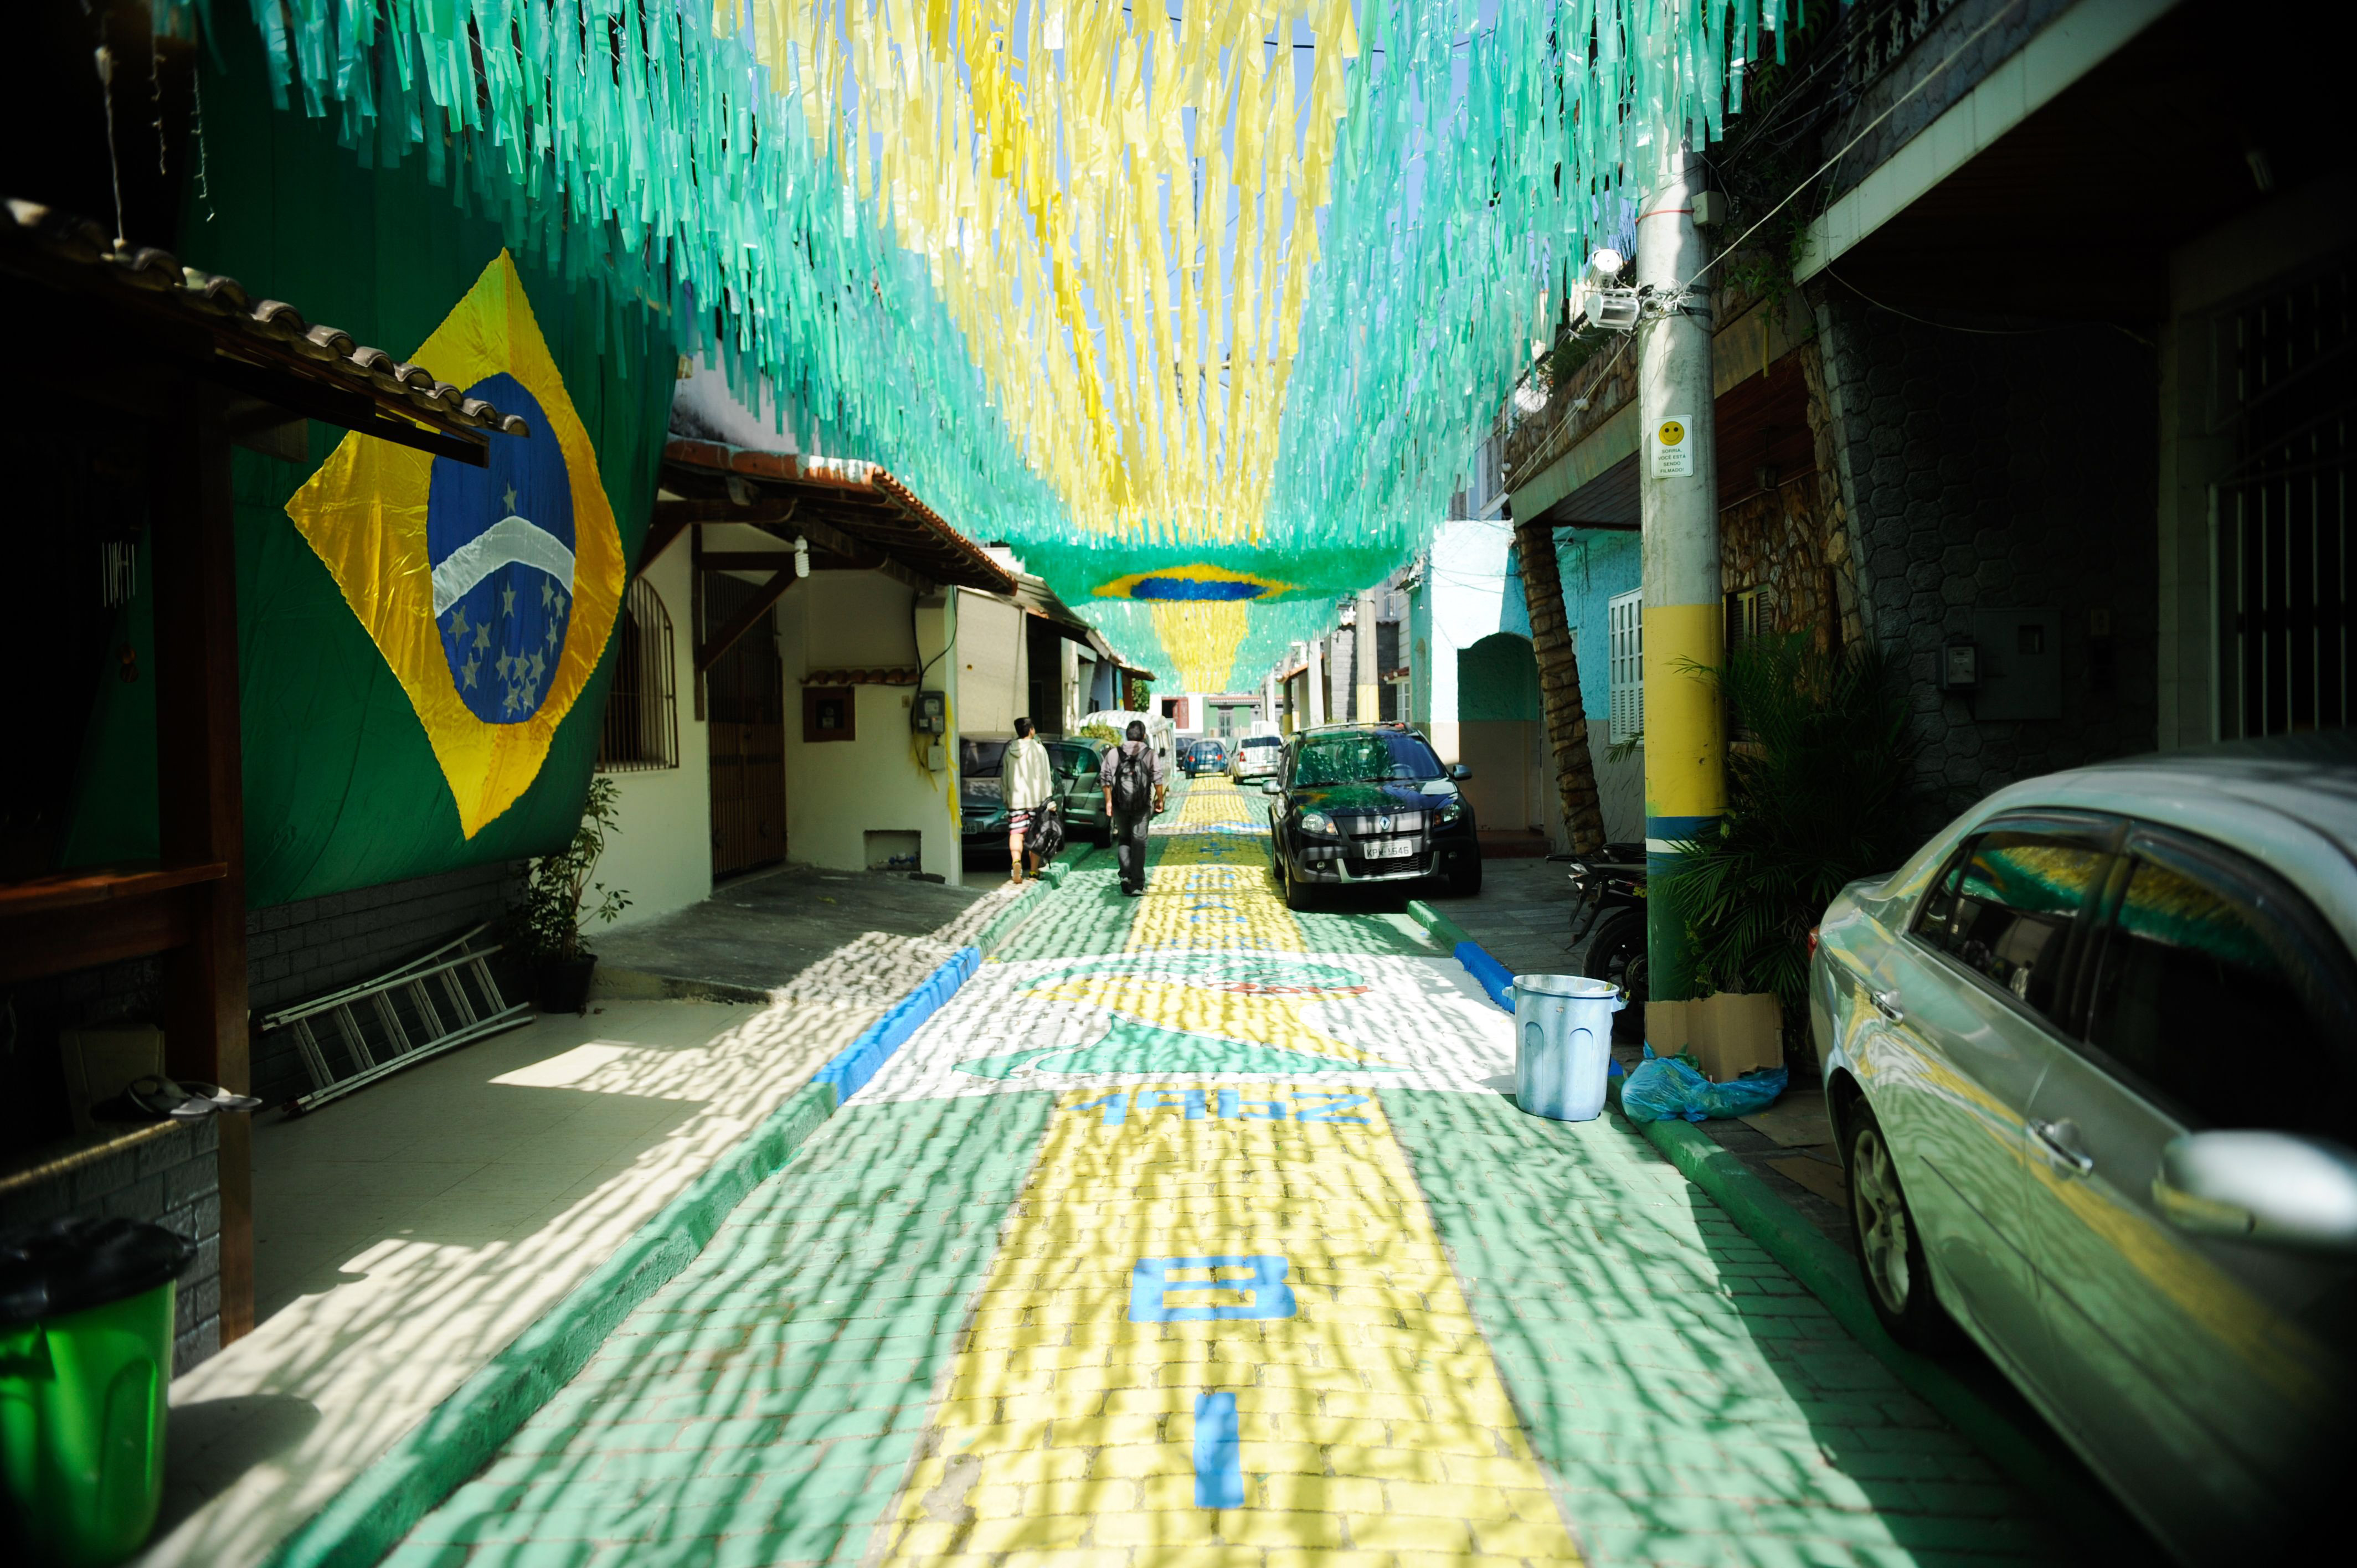 Rua-decorada-para-a-Copa-do-Mundo-de-2014-Rio-de-Janeiro-201405050003